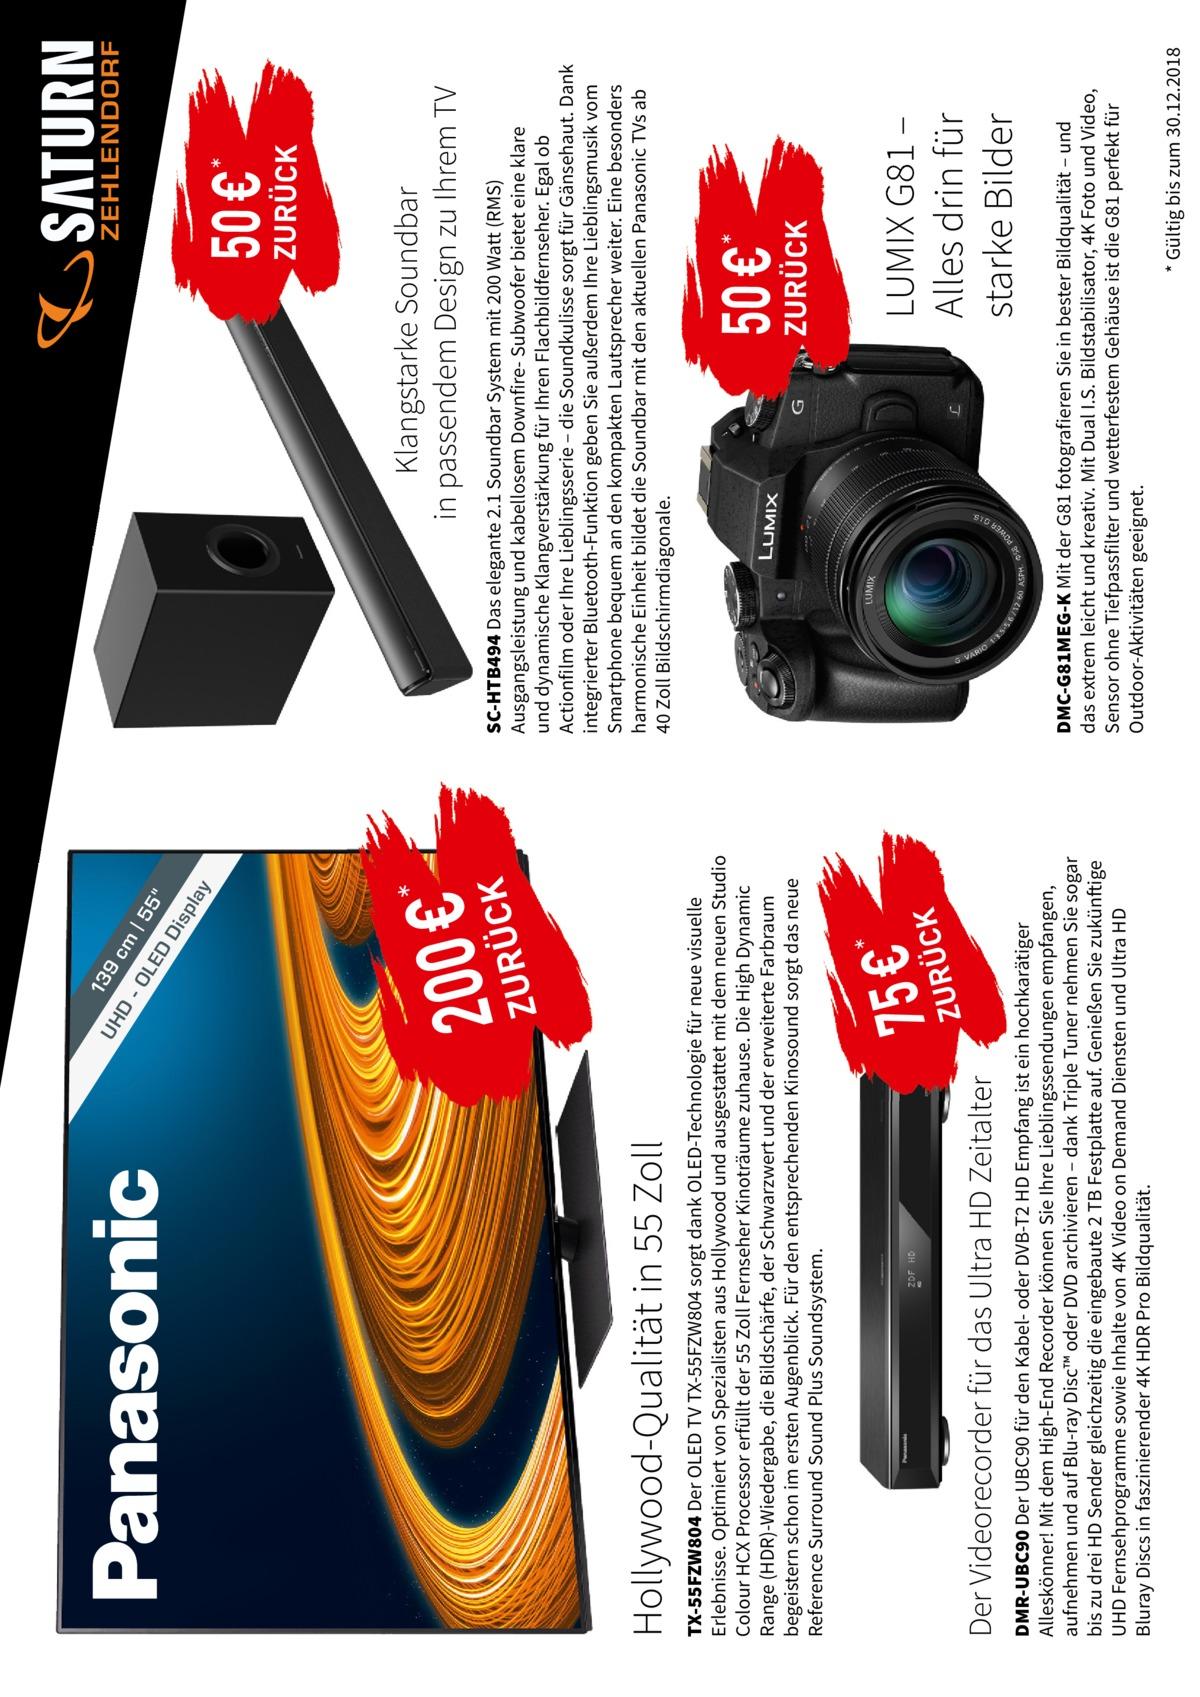 -O l ay  5  sp  |5  Di  m  D  9c  LE  13  Z  *  Z  DMR-UBC90 Der UBC90 für den Kabel- oder DVB-T2 HD Empfang ist ein hochkarätiger Alleskönner! Mit dem High-End Recorder können Sie Ihre Lieblingssendungen empfangen, aufnehmen und auf Blu-ray Disc™ oder DVD archivieren – dank Triple Tuner nehmen Sie sogar bis zu drei HD Sender gleichzeitig die eingebaute 2 TB Festplatte auf. Genießen Sie zukünftige UHD Fernsehprogramme sowie Inhalte von 4K Video on Demand Diensten und UltraHD Bluray Discs in faszinierender 4K HDR Pro Bildqualität.  Der Videorecorder für das Ultra HD Zeitalter  *  7U5R€ÜCK  TX-55FZW804 Der OLED TV TX-55FZW804 sorgt dank OLED-Technologie für neue visuelle Erlebnisse. Optimiert von Spezialisten aus Hollywood und ausgestattet mit dem neuen Studio Colour HCX Processor erfüllt der 55 Zoll Fernseher Kinoträume zuhause. Die High Dynamic Range (HDR)-Wiedergabe, die Bildschärfe, der Schwarzwert und der erweiterte Farbraum begeistern schon im ersten Augenblick. Für den entsprechenden Kinosound sorgt das neue Reference Surround Sound Plus Soundsystem.  Hollywood-Qualität in 55 Zoll  D  2U0R0Ü€CK  UH  * Gültig bis zum 30.12.2018  DMC-G81MEG-K Mit der G81 fotografieren Sie in bester Bildqualität – und das extrem leicht und kreativ. Mit Dual I.S. Bildstabilisator, 4K Foto und Video, Sensor ohne Tiefpassfilter und wetterfestem Gehäuse ist die G81 perfekt für Outdoor-Aktivitäten geeignet.  LUMIX G81 – Alles drin für starke Bilder  ZURÜCK  50 €  *  SC-HTB494 Das elegante 2.1 Soundbar System mit 200 Watt (RMS) Ausgangsleistung und kabellosem Downfire- Subwoofer bietet eine klare und dynamische Klangverstärkung für Ihren Flachbildfernseher. Egal ob Actionfilm oder Ihre Lieblingsserie – die Soundkulisse sorgt für Gänsehaut. Dank integrierter Bluetooth-Funktion geben Sie außerdem Ihre Lieblingsmusik vom Smartphone bequem an den kompakten Lautsprecher weiter. Eine besonders harmonische Einheit bildet die Soundbar mit den aktuellen Panasonic TVs ab 40Zoll Bildschirmdiagonal